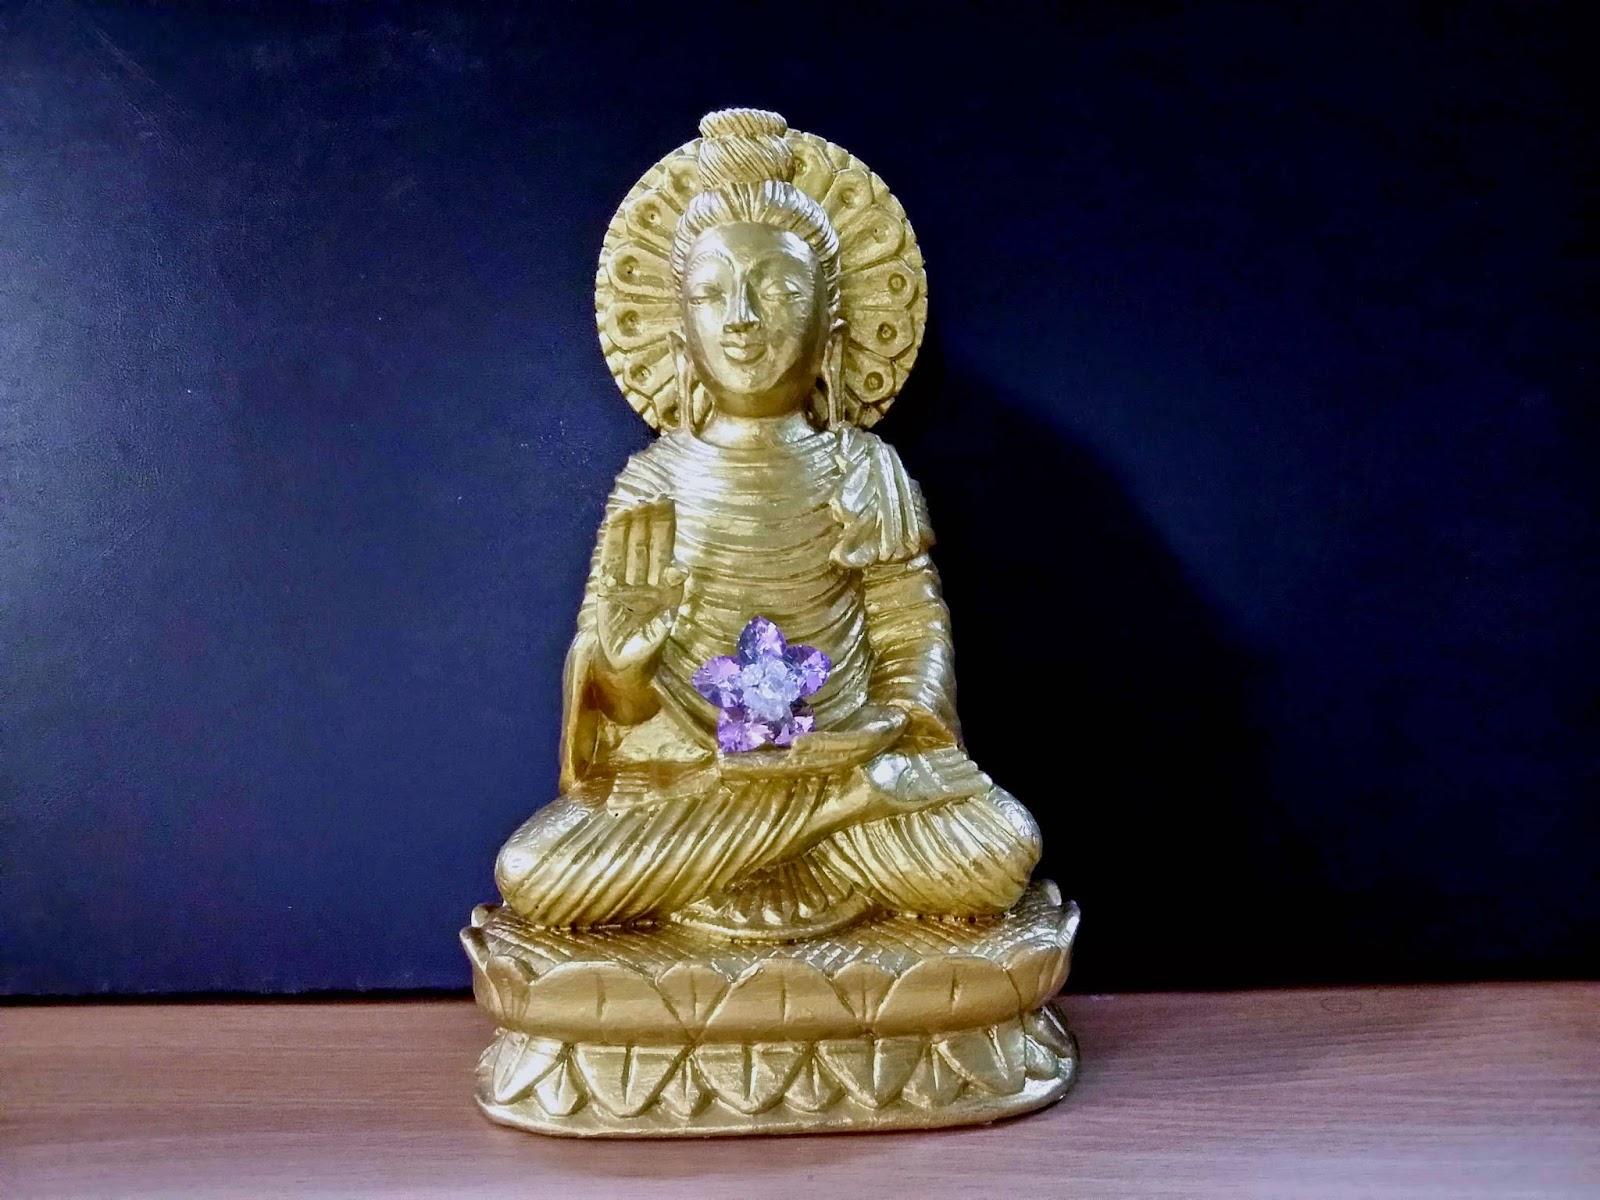 Sacred Crystal Lotus Golden Buddha With Sacred Crystal Lotus Flower